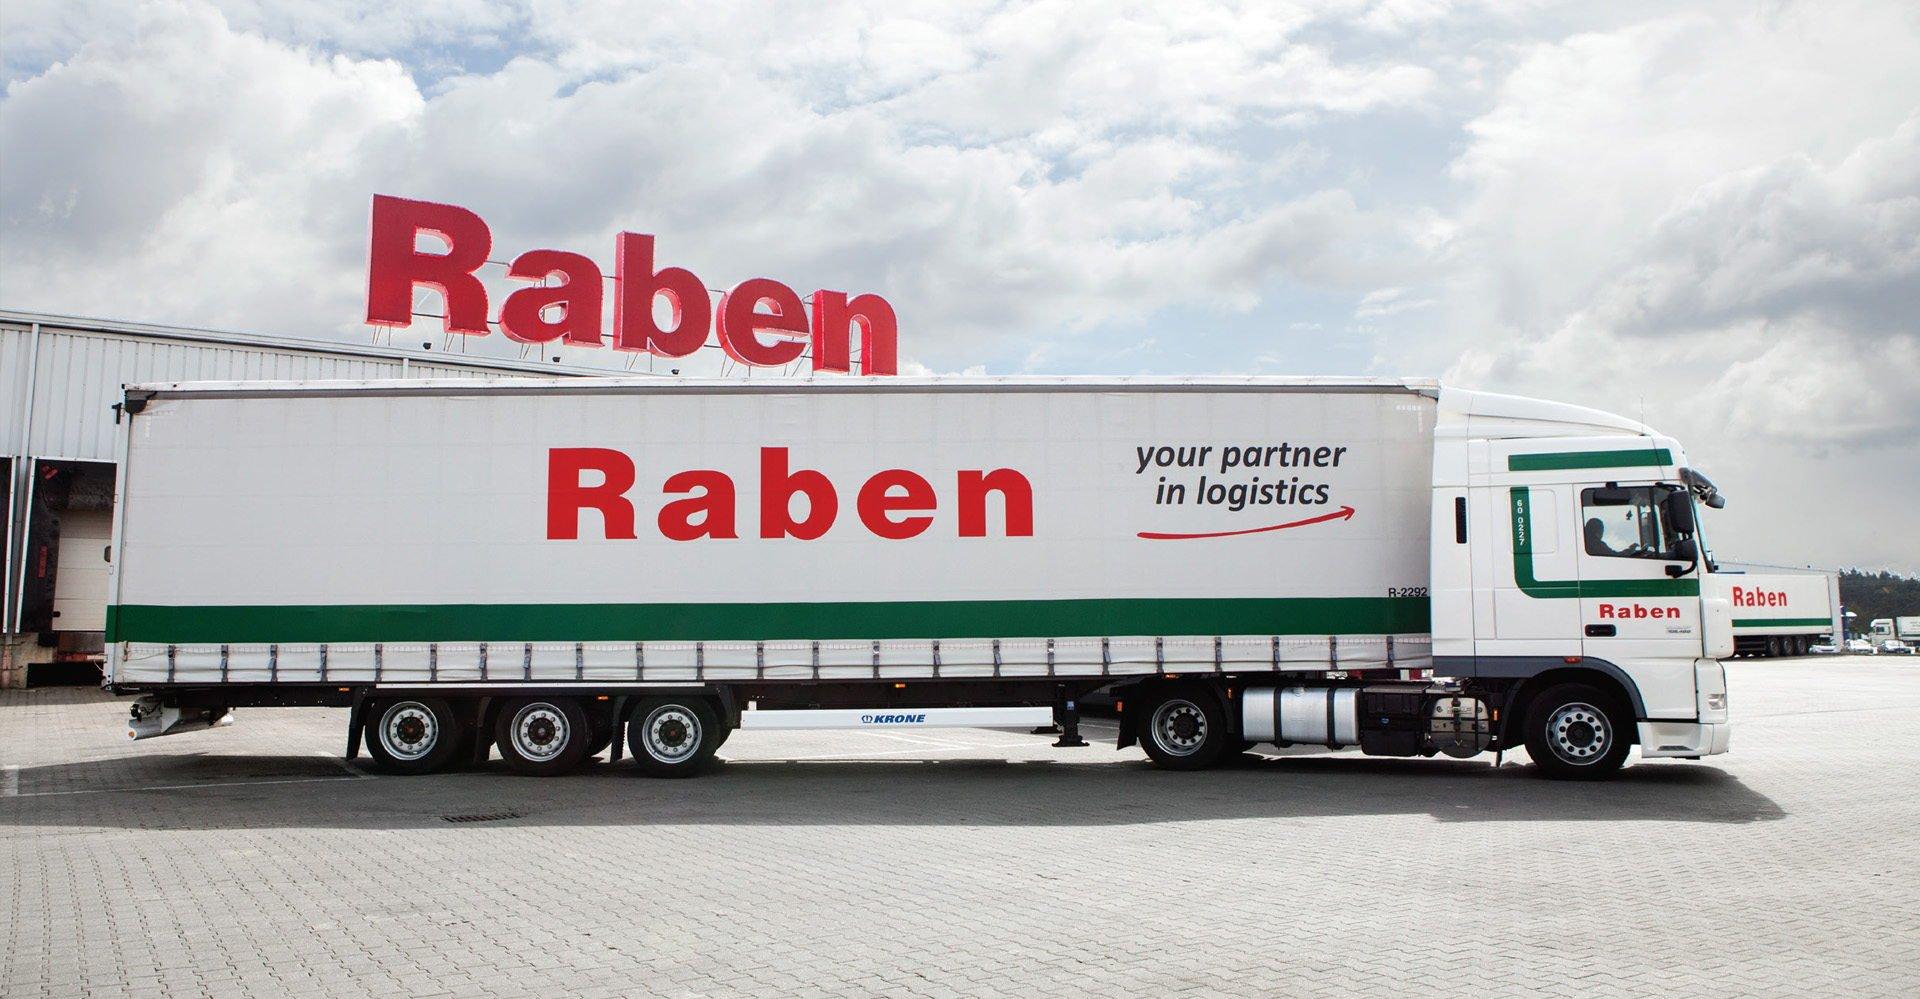 Дизайн логистической компании «Raben»